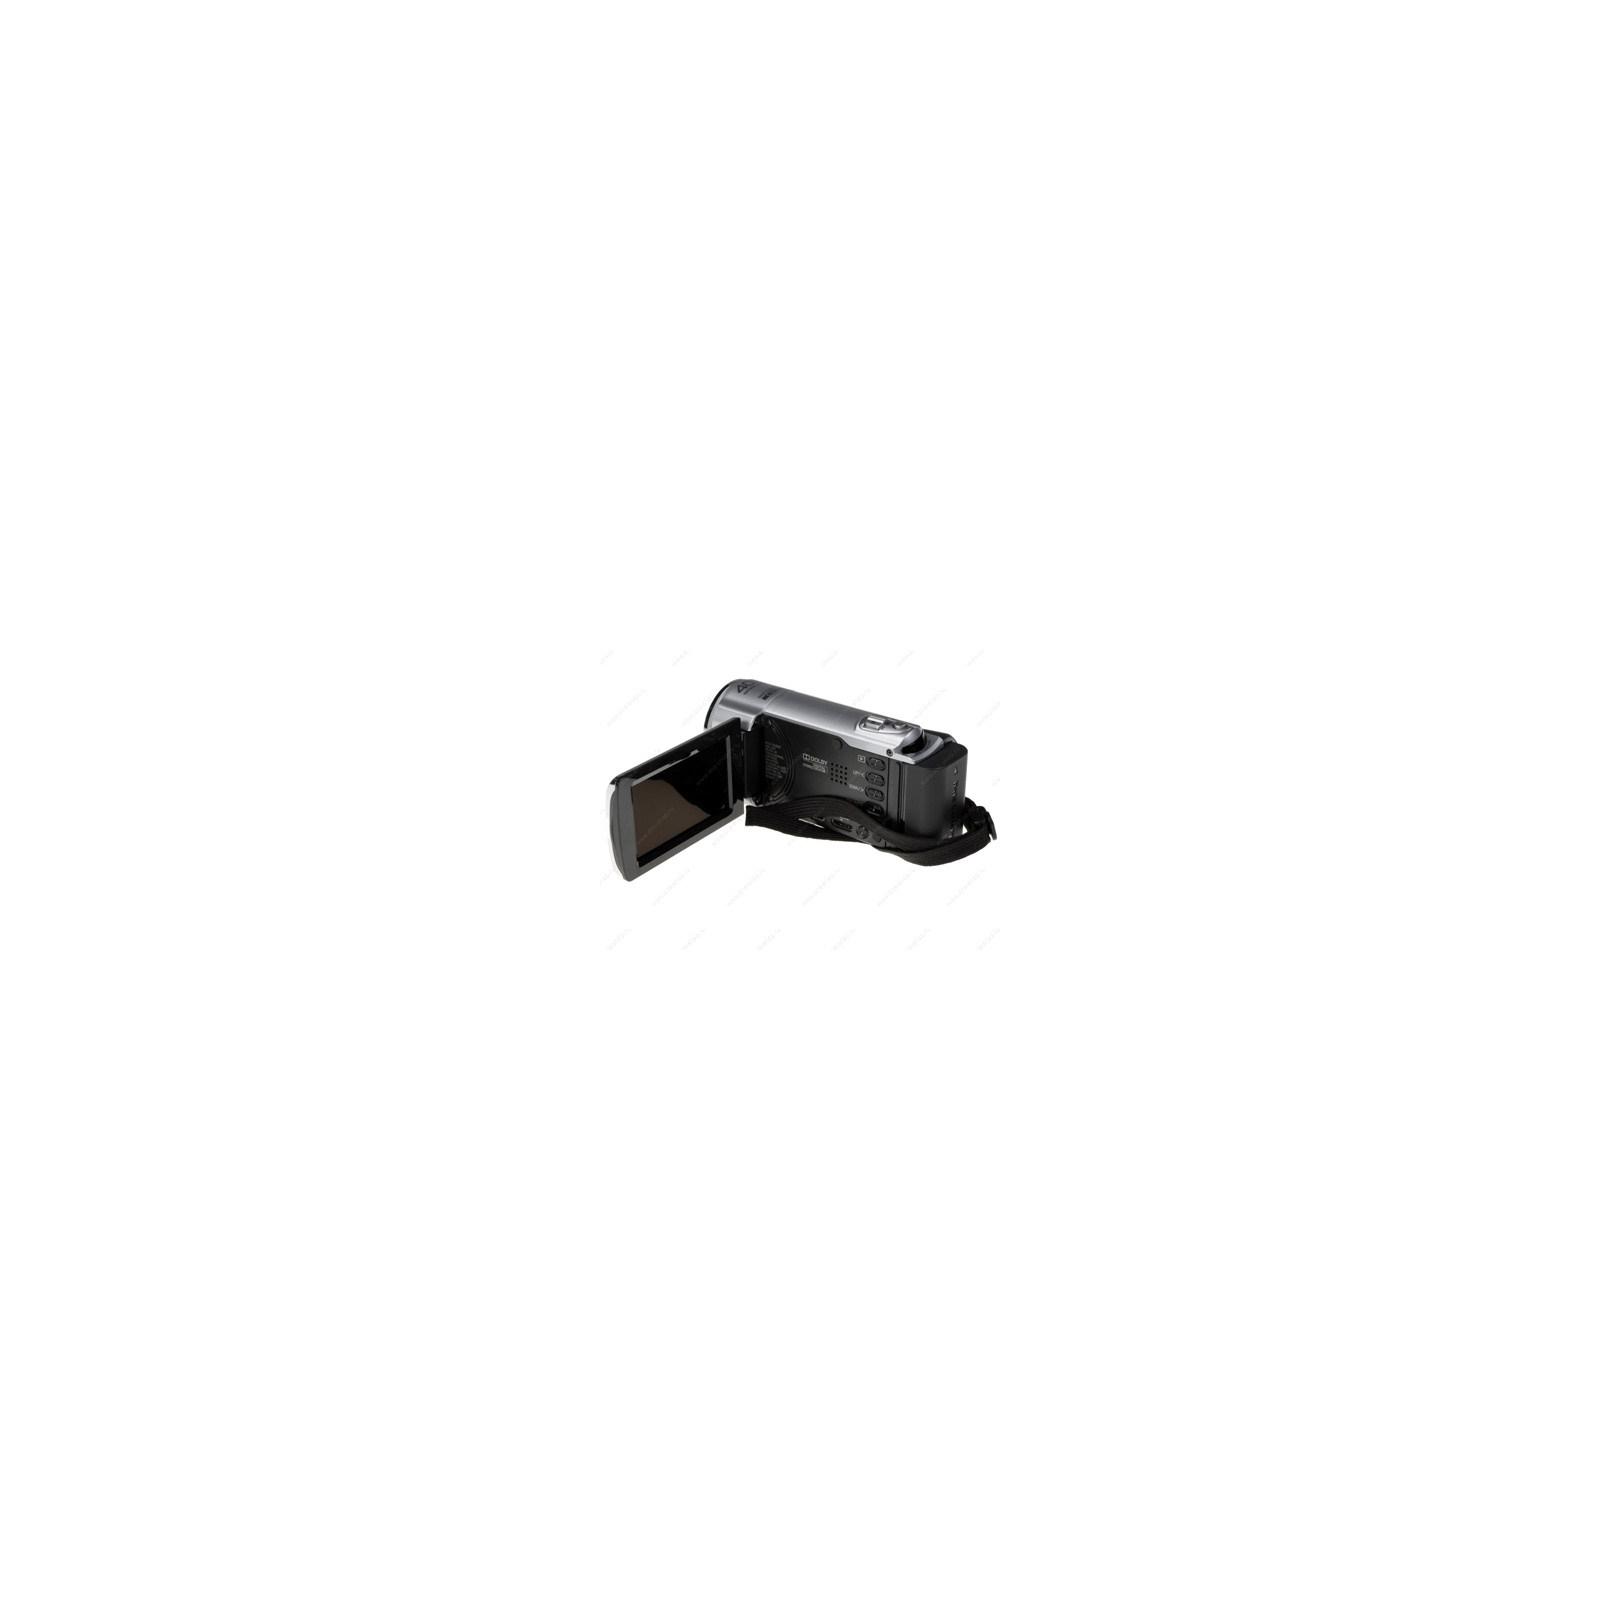 Цифровая видеокамера JVC Everio GZ-E10SEU silver (GZ-E10SEU) изображение 2